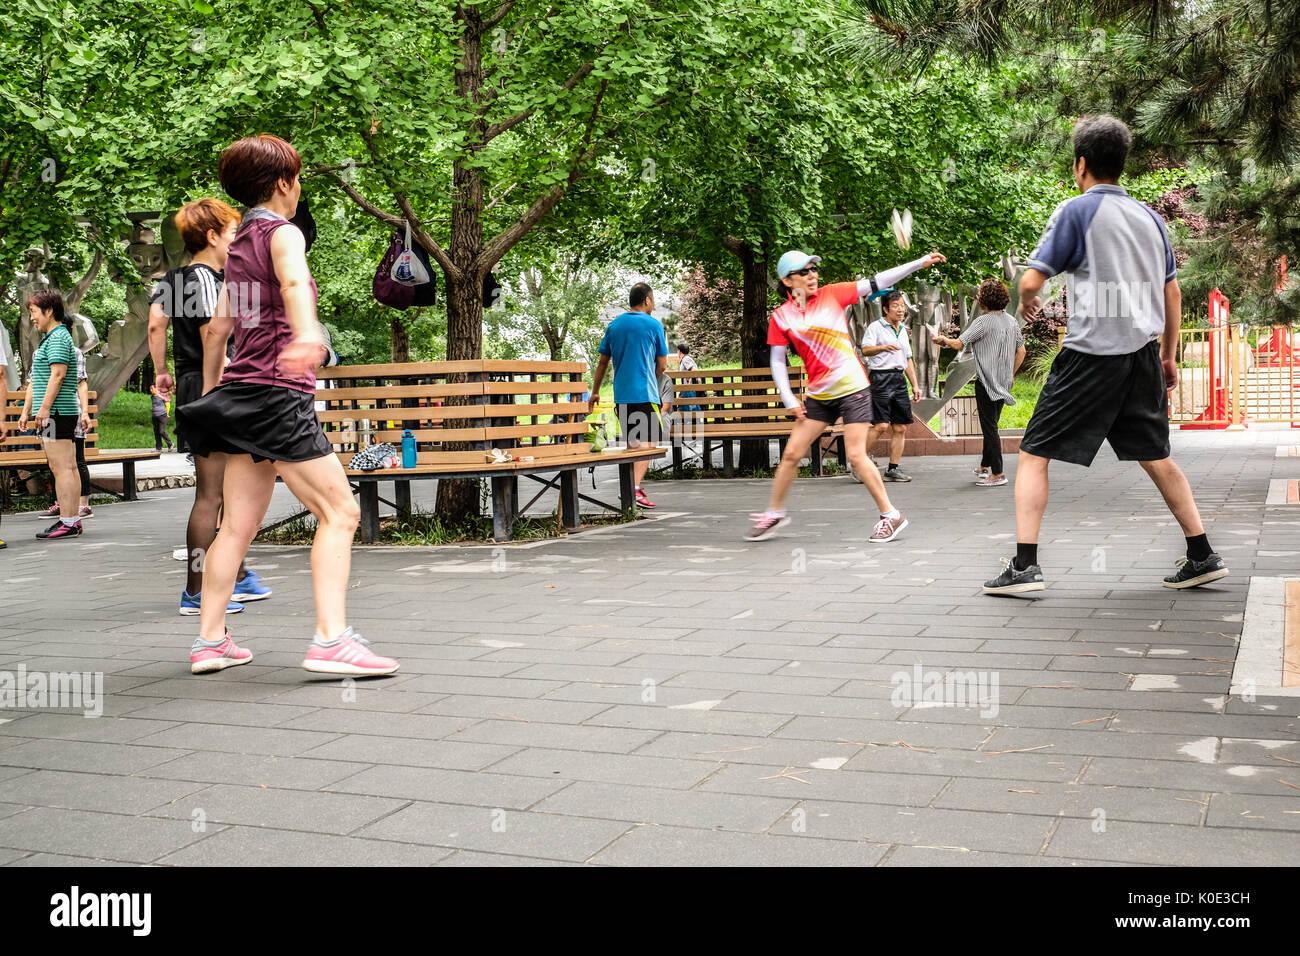 Un groupe d'hommes et de femmes chinoises des coups de volant dans le parc Photo Stock